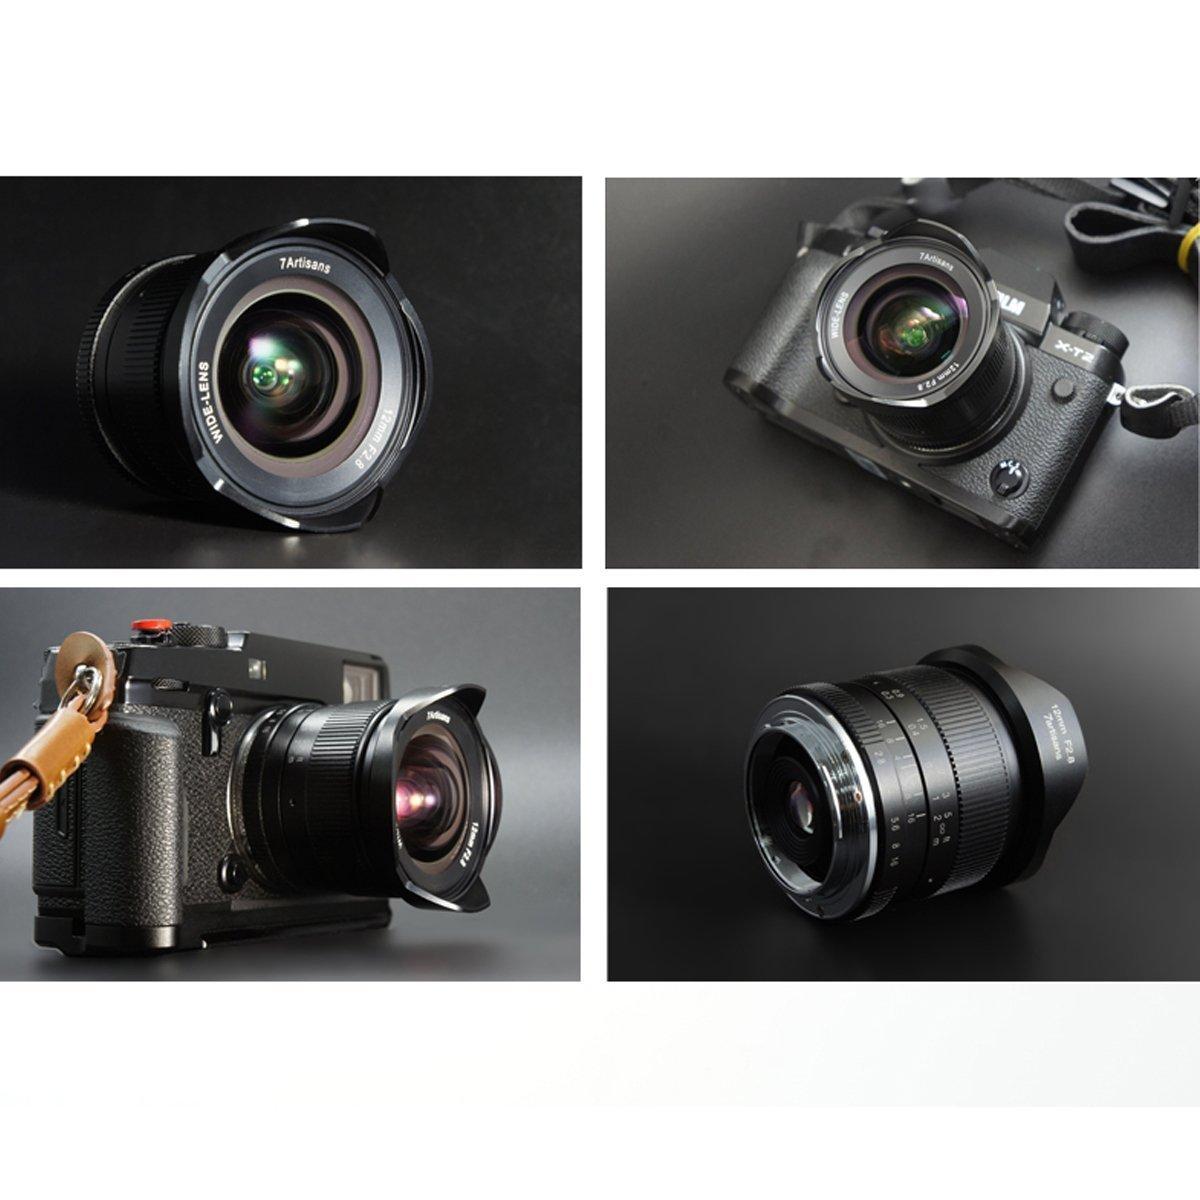 7artans Kit de Limpieza Manual Focus Prime Fixed Lens y TUYUNG Lente de Gran Angular de 12 mm F2.8 para c/ámara Fujifilm X sin Espejo